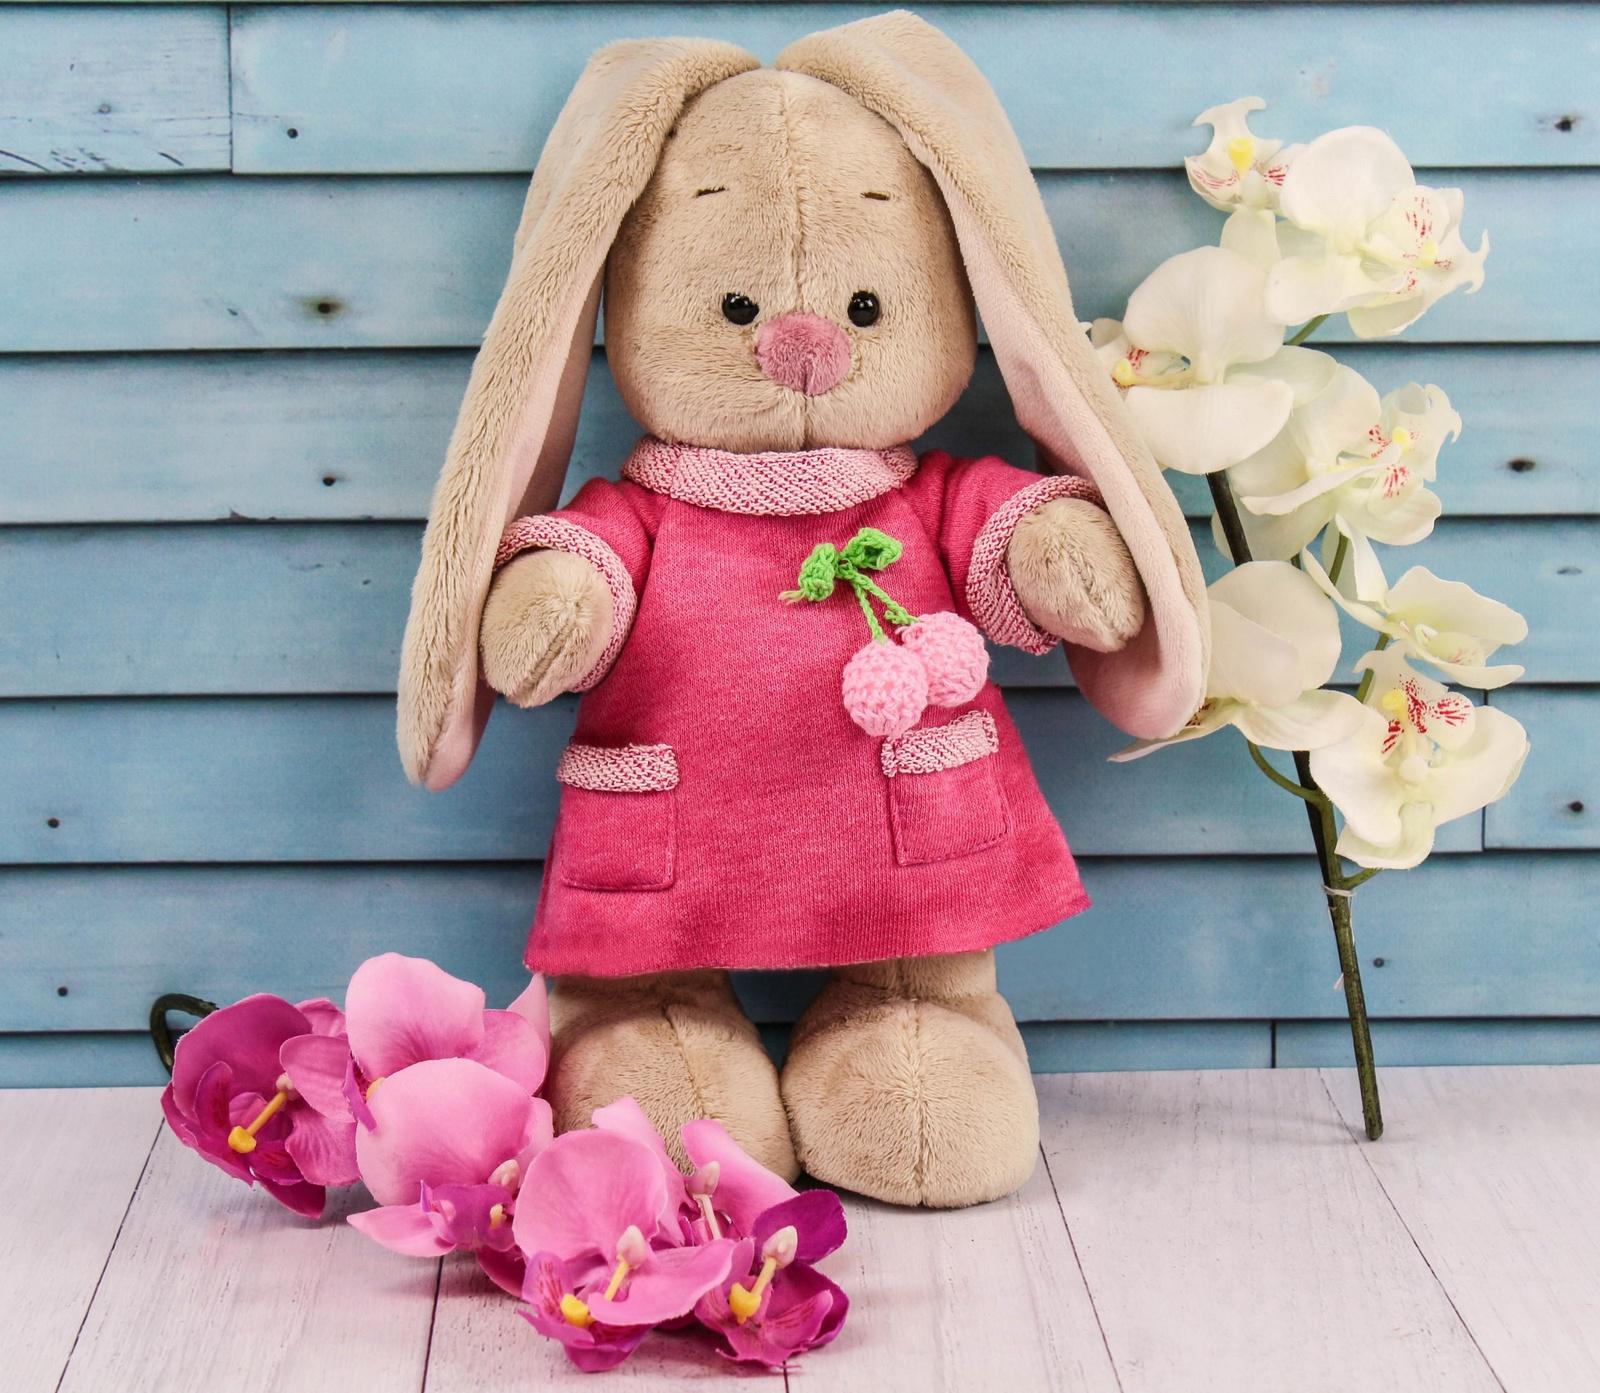 Мягкая игрушка BudiBasa StS-196/ бежевый, розовыйStS-196/Зайки Ми - это милые зайчата Мия и Мика из волшебной страны мягких игрушек. Они обожают веселиться, пить ароматный чай на лужайке перед домиком, гулять по Плюшевому лесу и, конечно, стильно наряжаться. Ведь Мика занимается моделированием одежды и потрясающие наряды зайчат - именно его творения. А Мия, как настоящая девочка, обожает их примерять. Мягкая игрушка Зайка Ми в розовом платье с вишенкой выполнена из невероятно мягкого материала, очень приятного на ощупь.